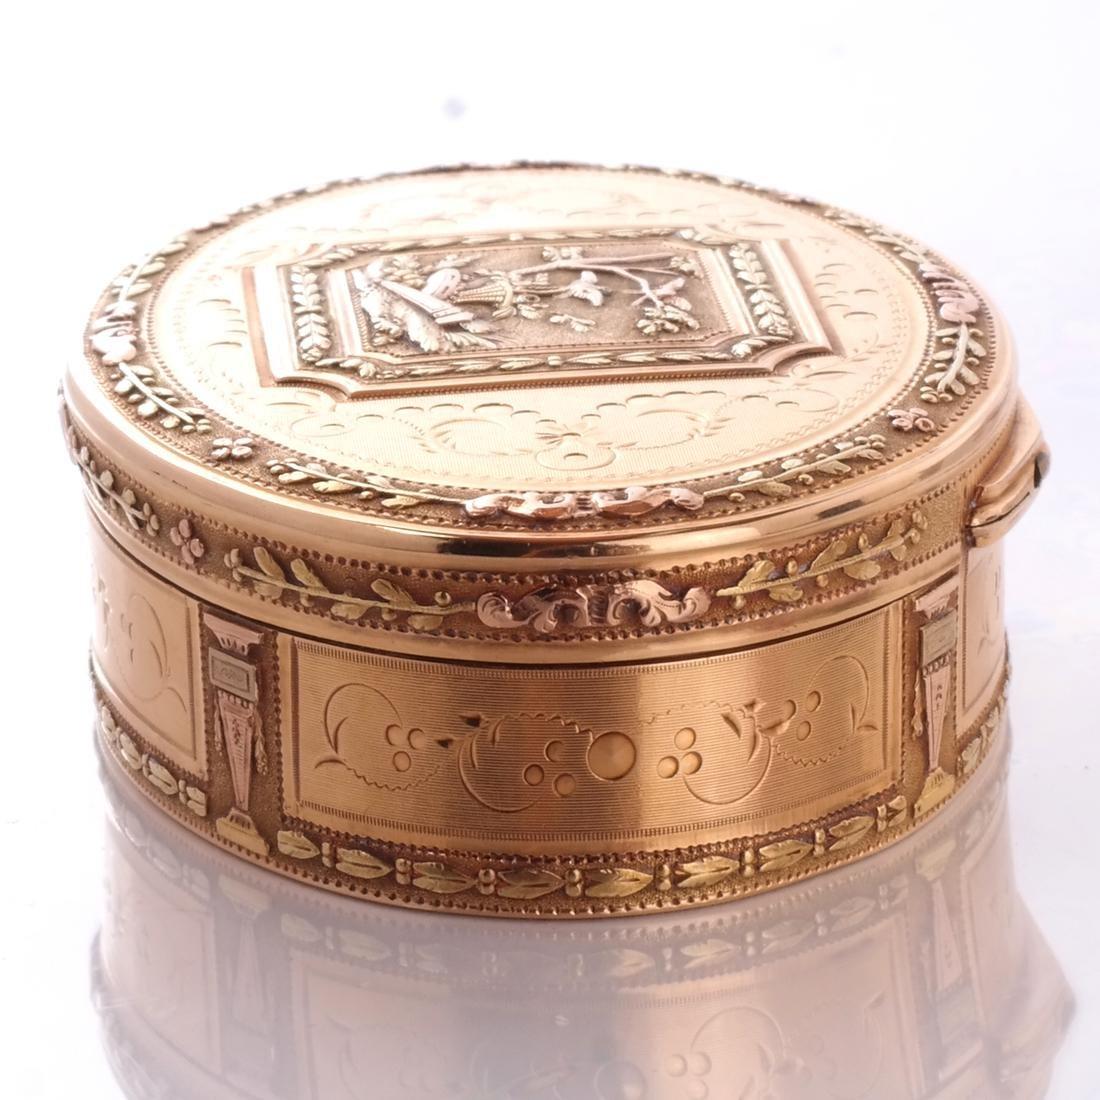 Swiss 18k Gold Snuff Box, 19th C. - 7